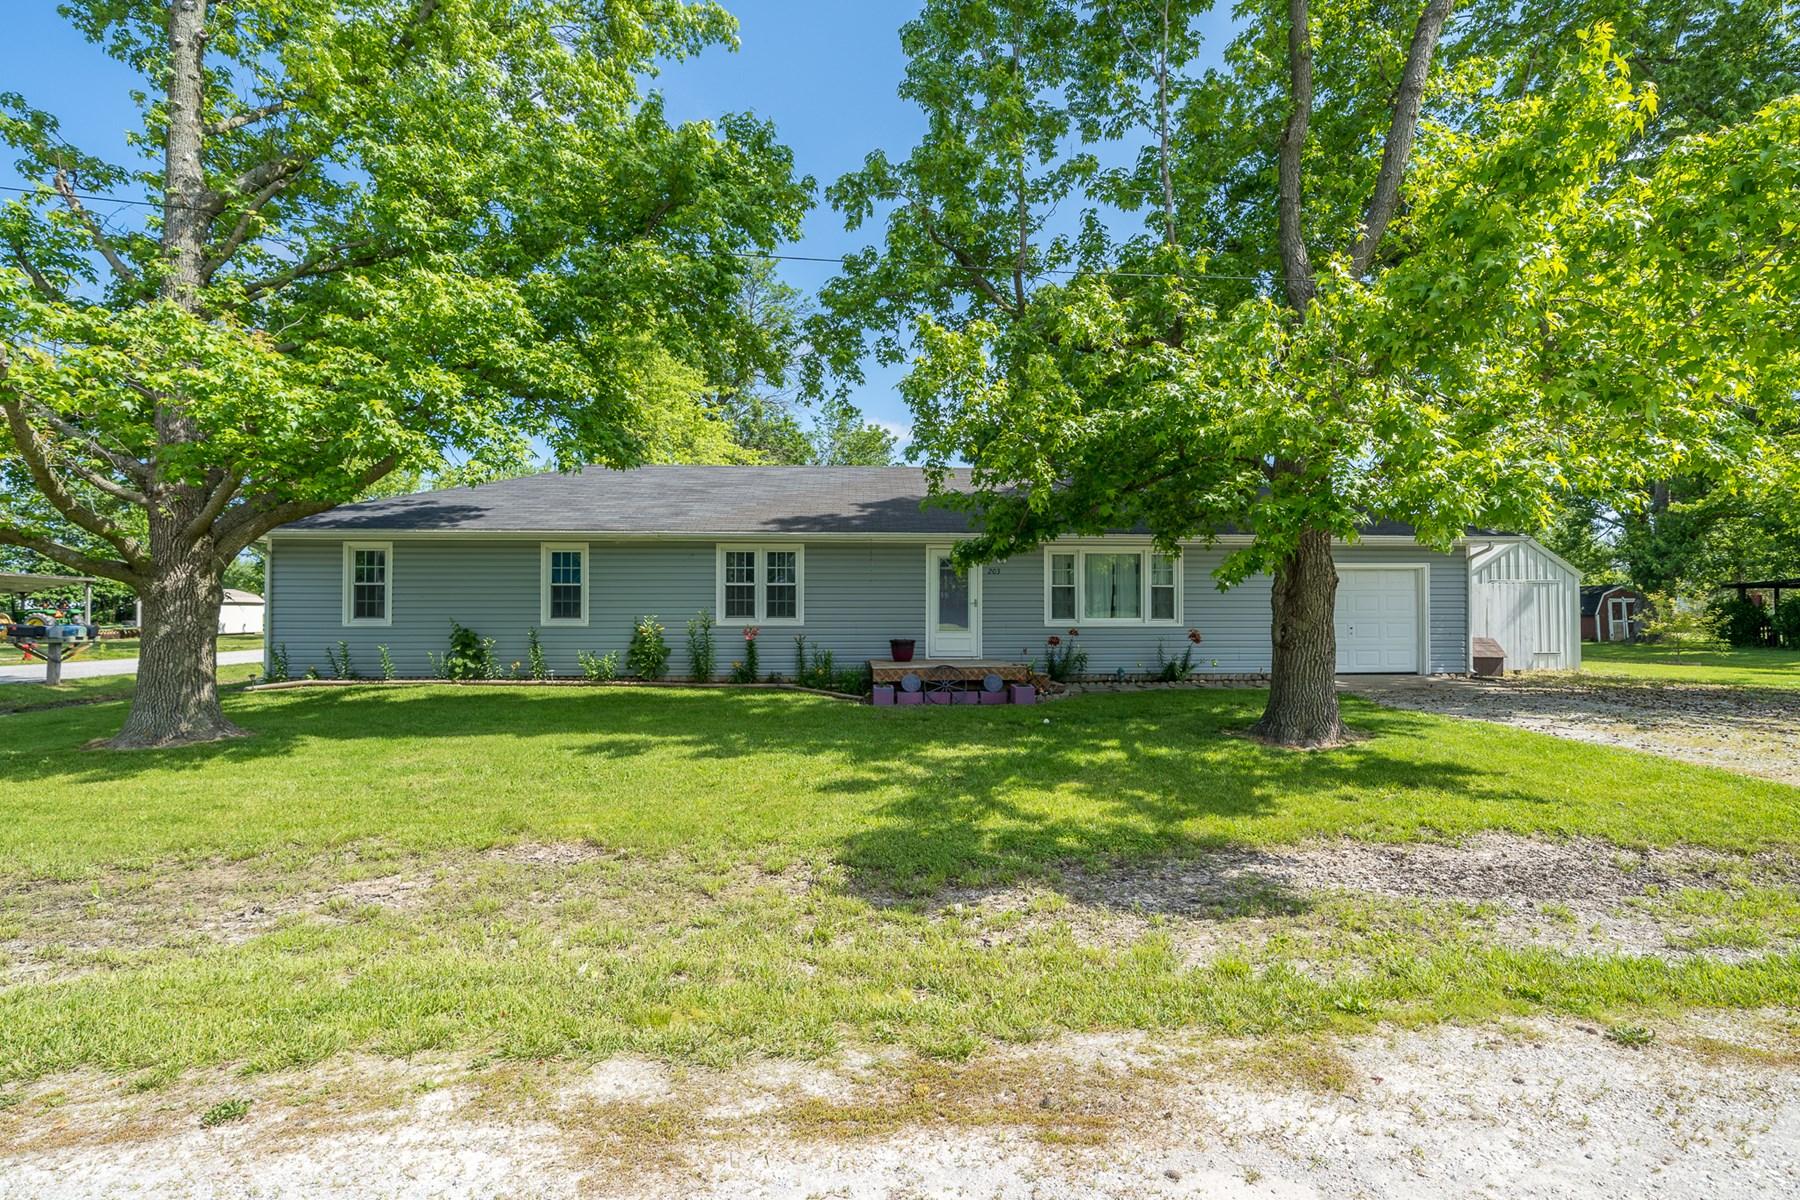 5 BR, 2 BA Home in Clark, MO